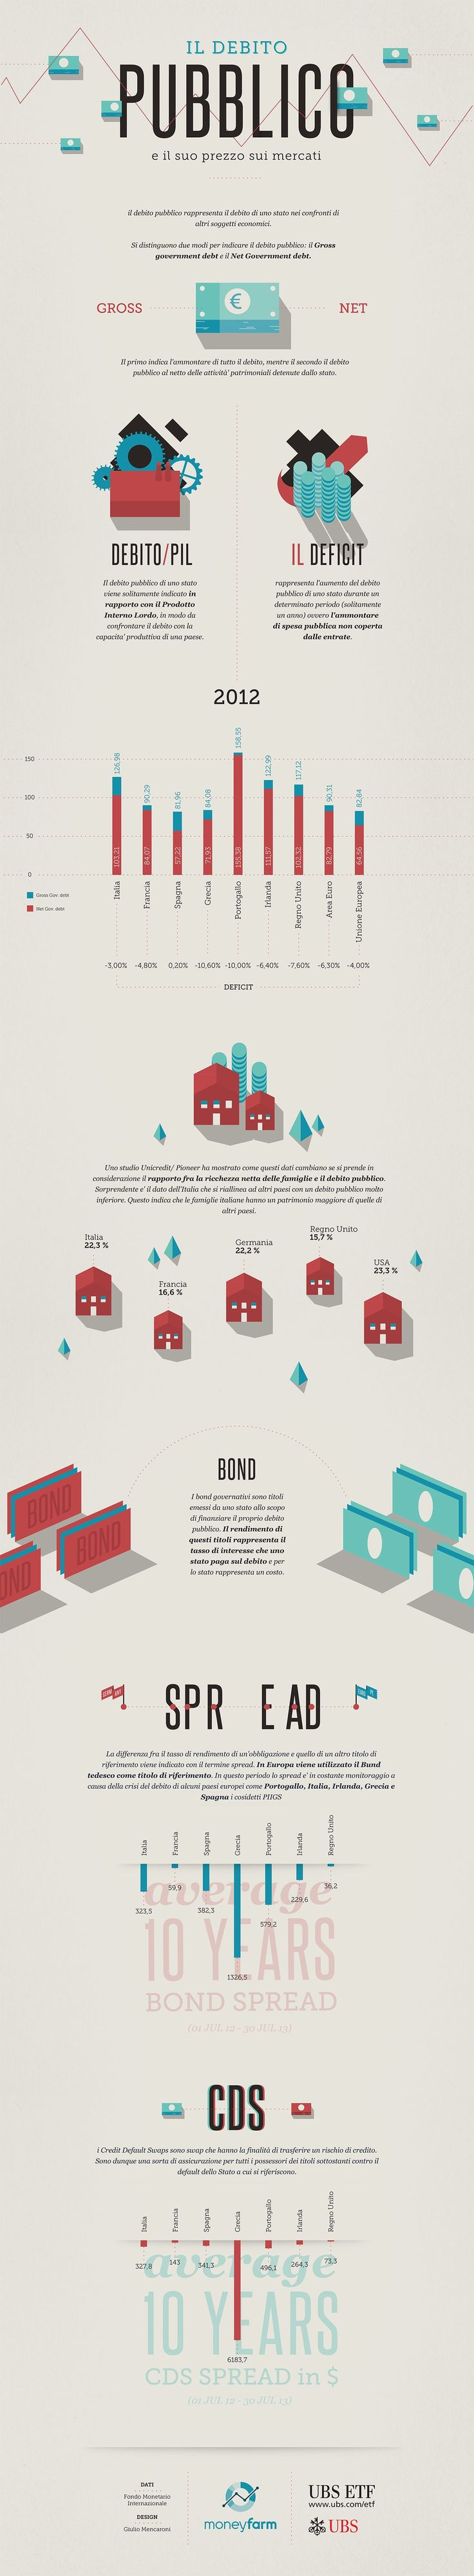 Infografica sul Debito Pubblico - MoneyFarm UBS